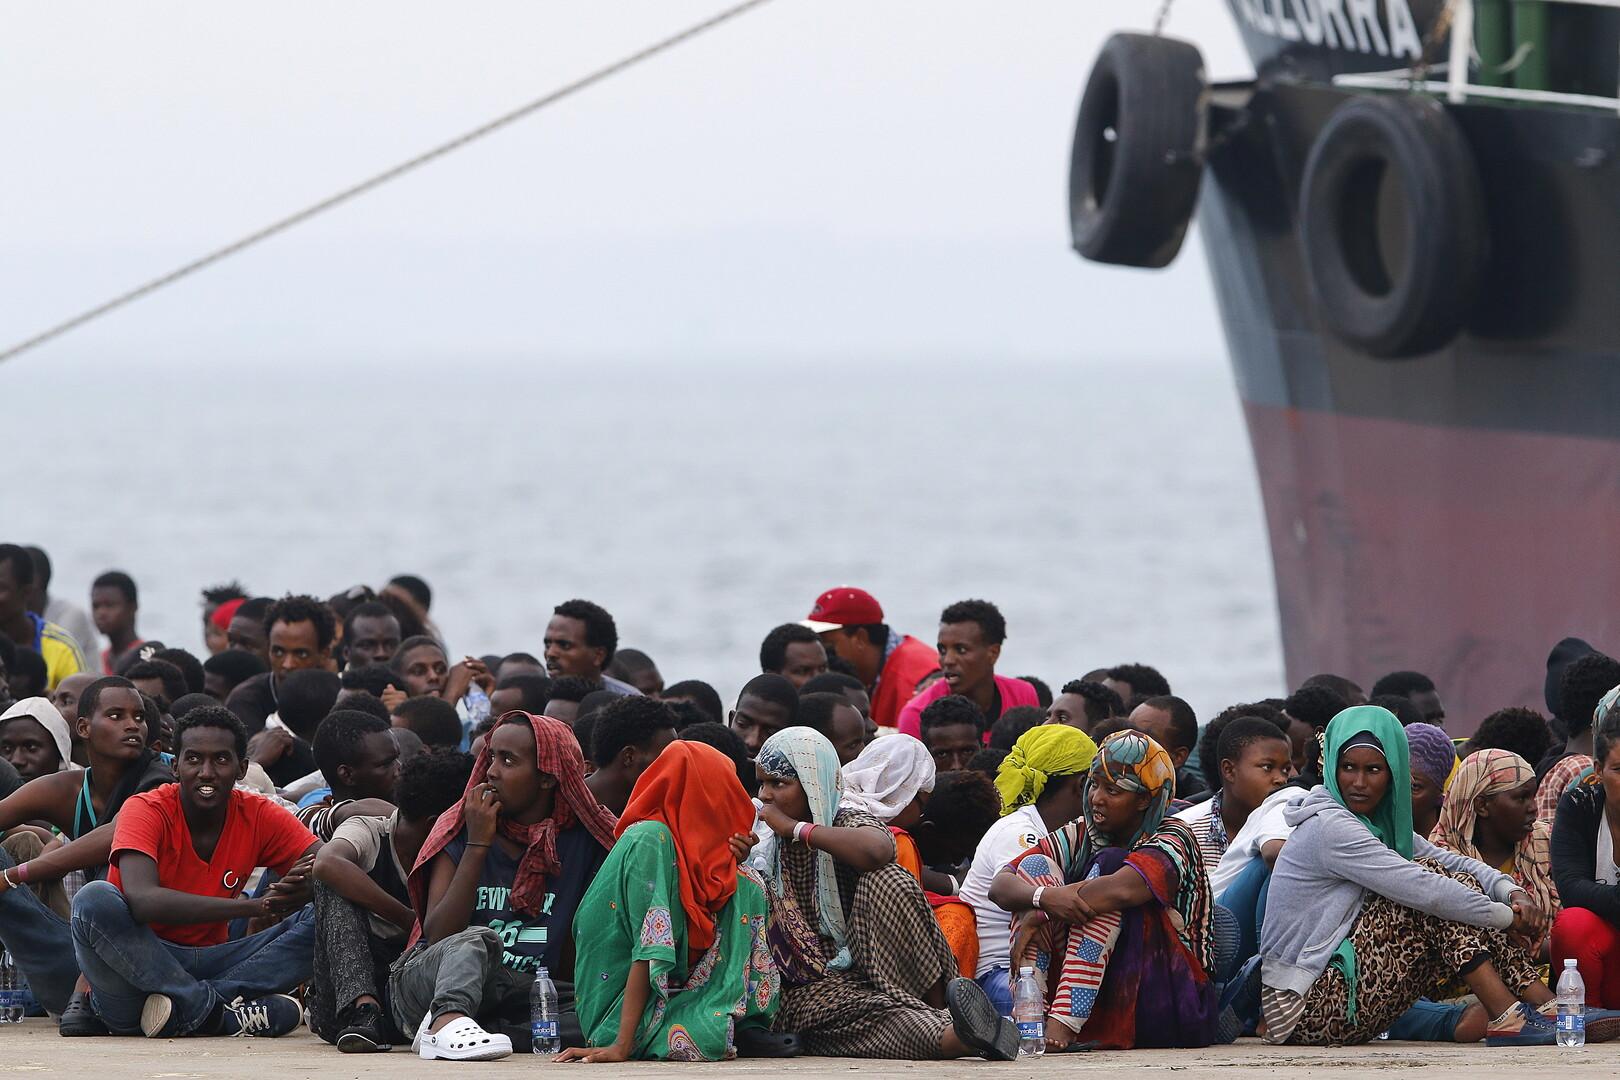 يشمل 13 دولة.. إيطاليا تصدر مرسوما لإعادة المهاجرين إلى بلدانهم